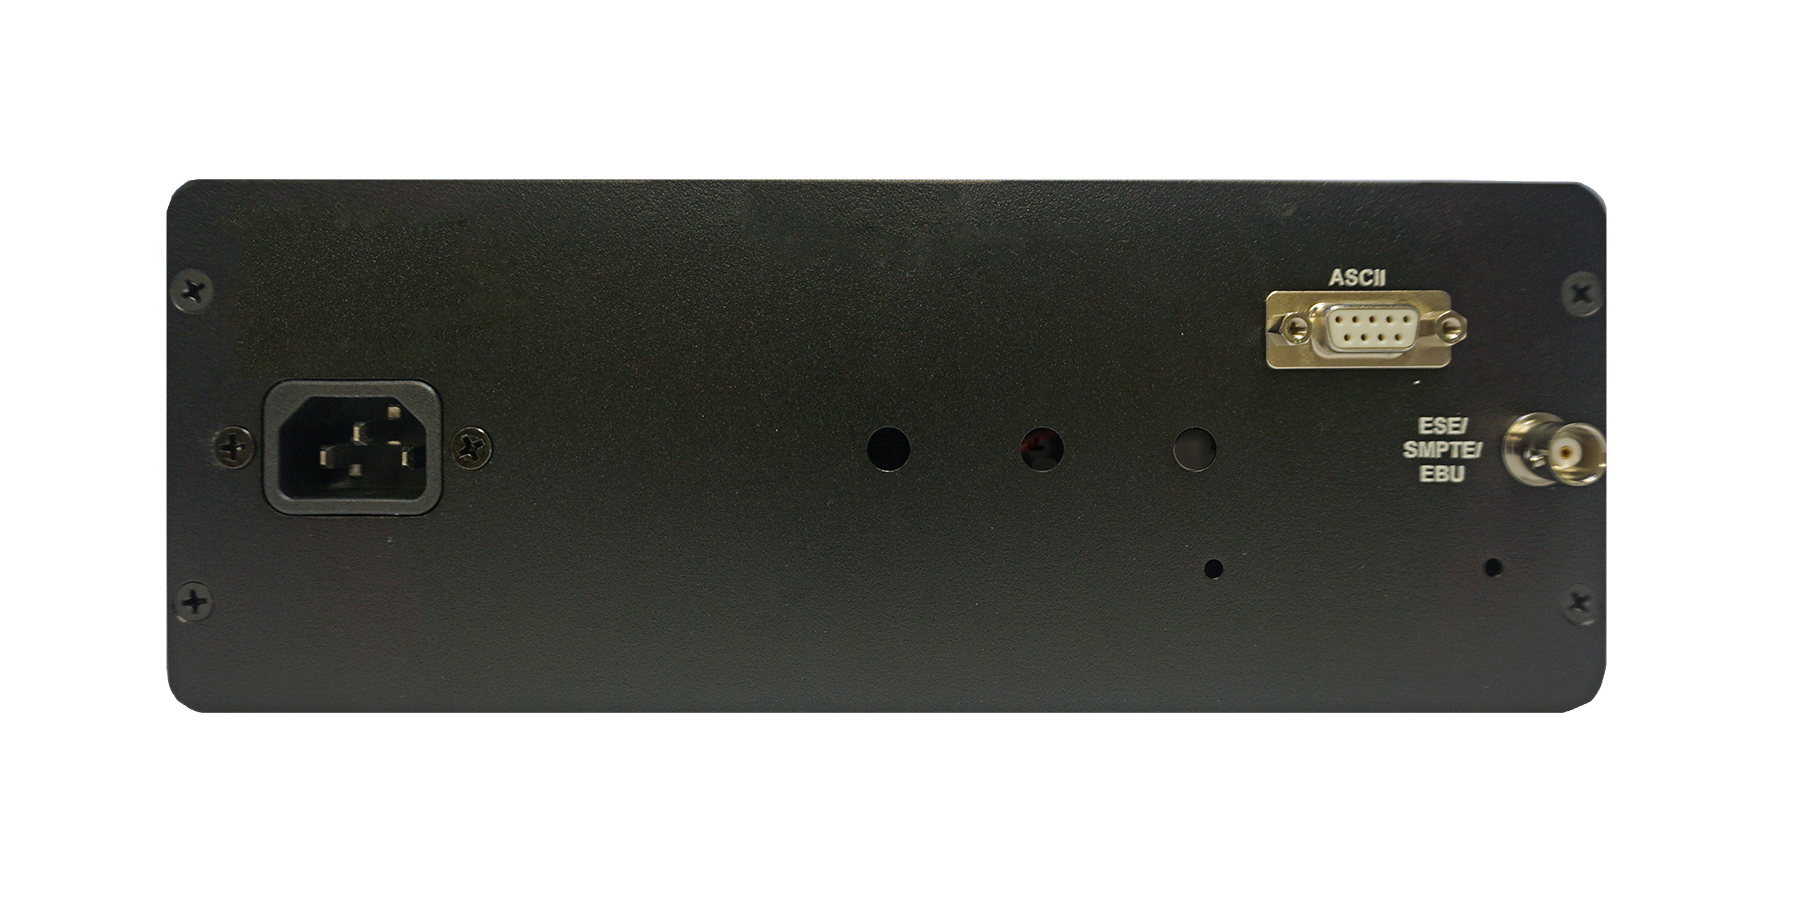 LX-366U rear